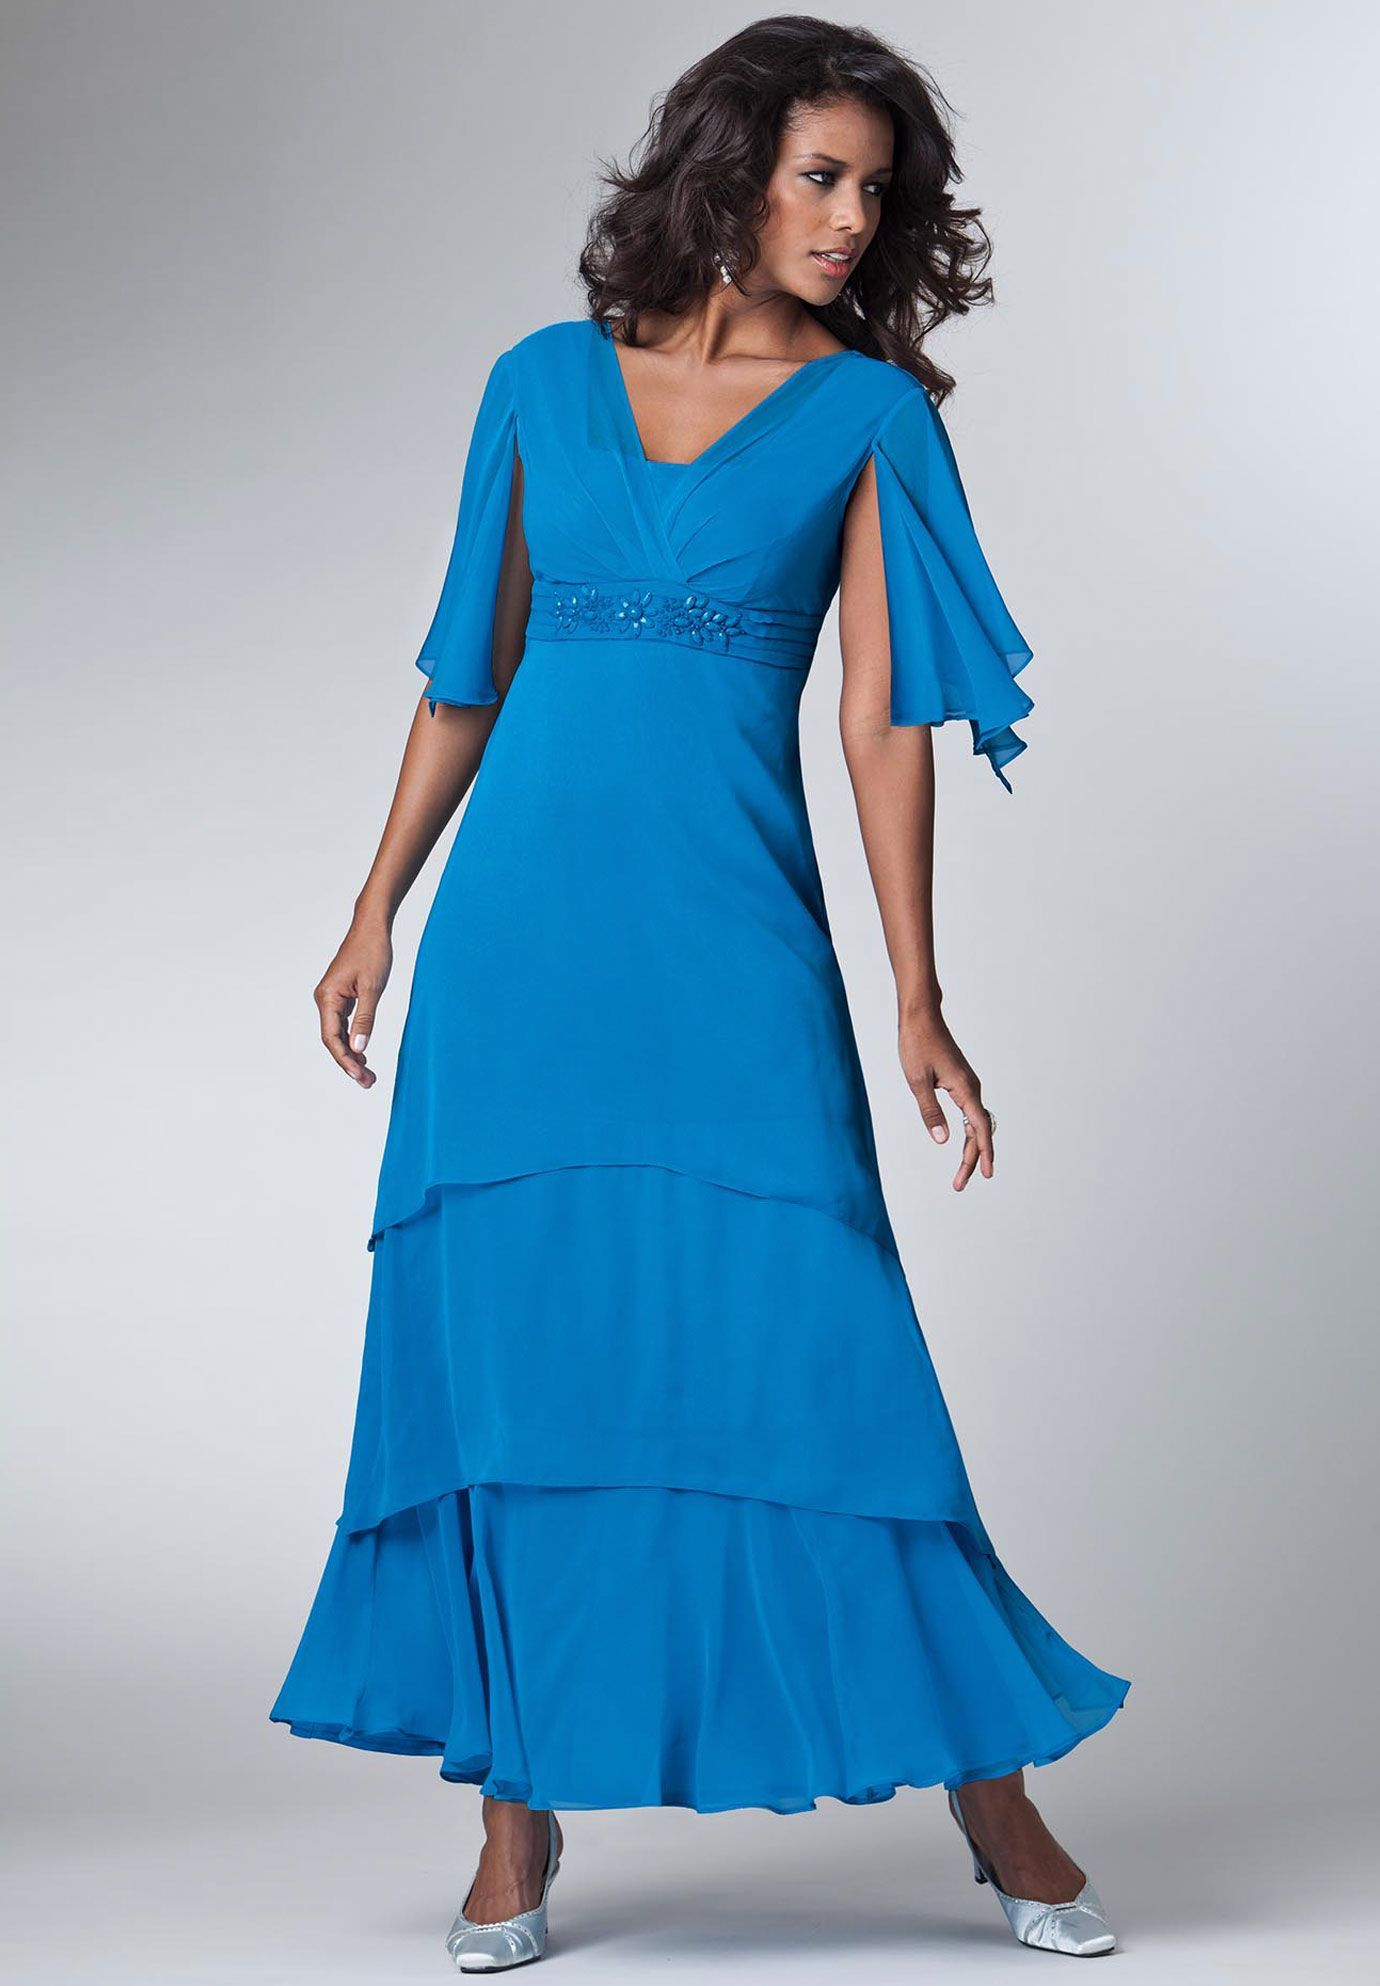 Daughters? Plus Size Solid Tiers Empire Waist Dress | Plus Size Dresses | Roamans